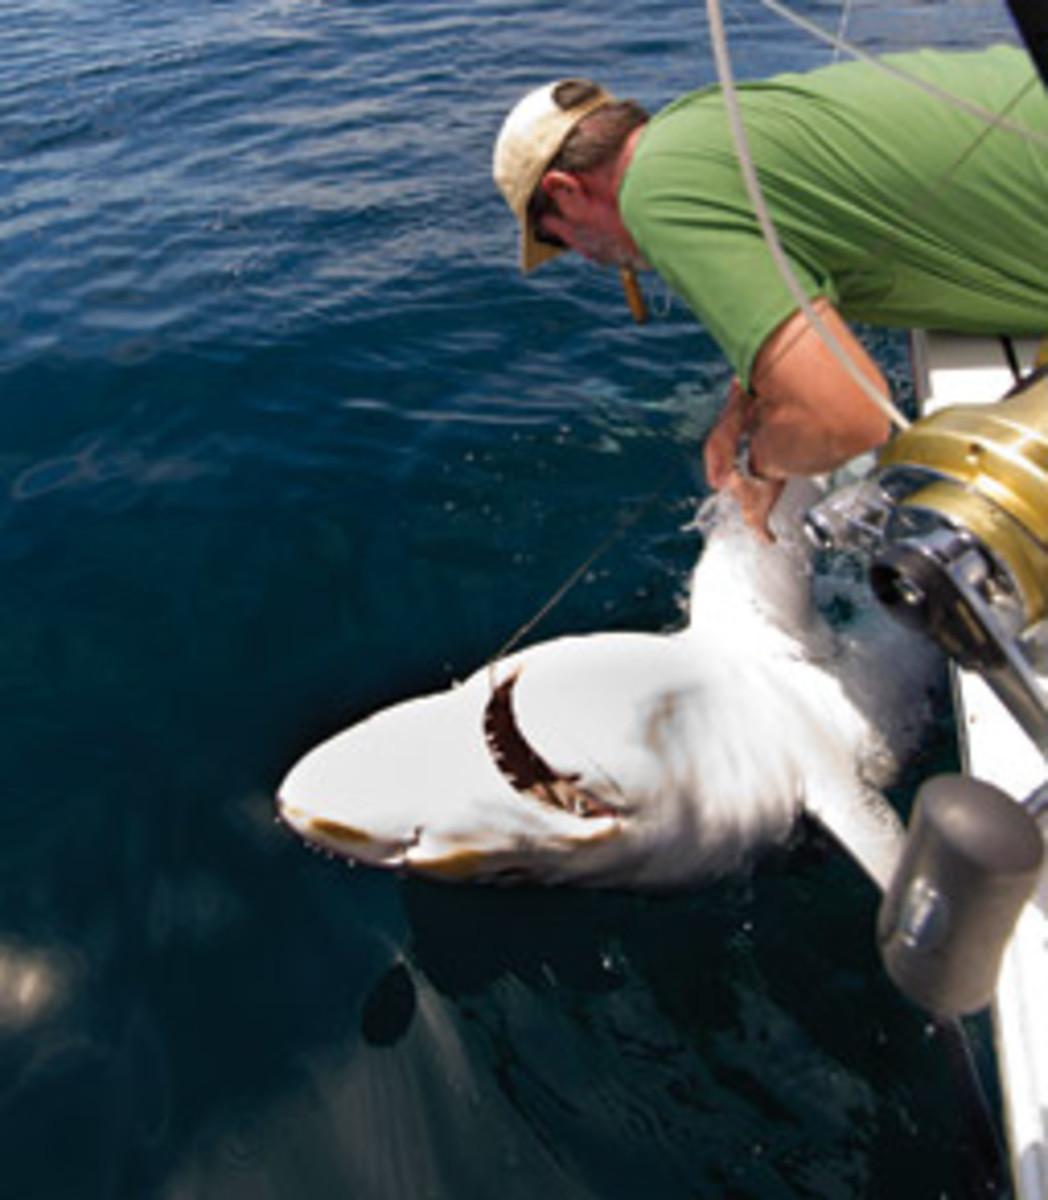 Sisson retrieves a tag from a blue shark.